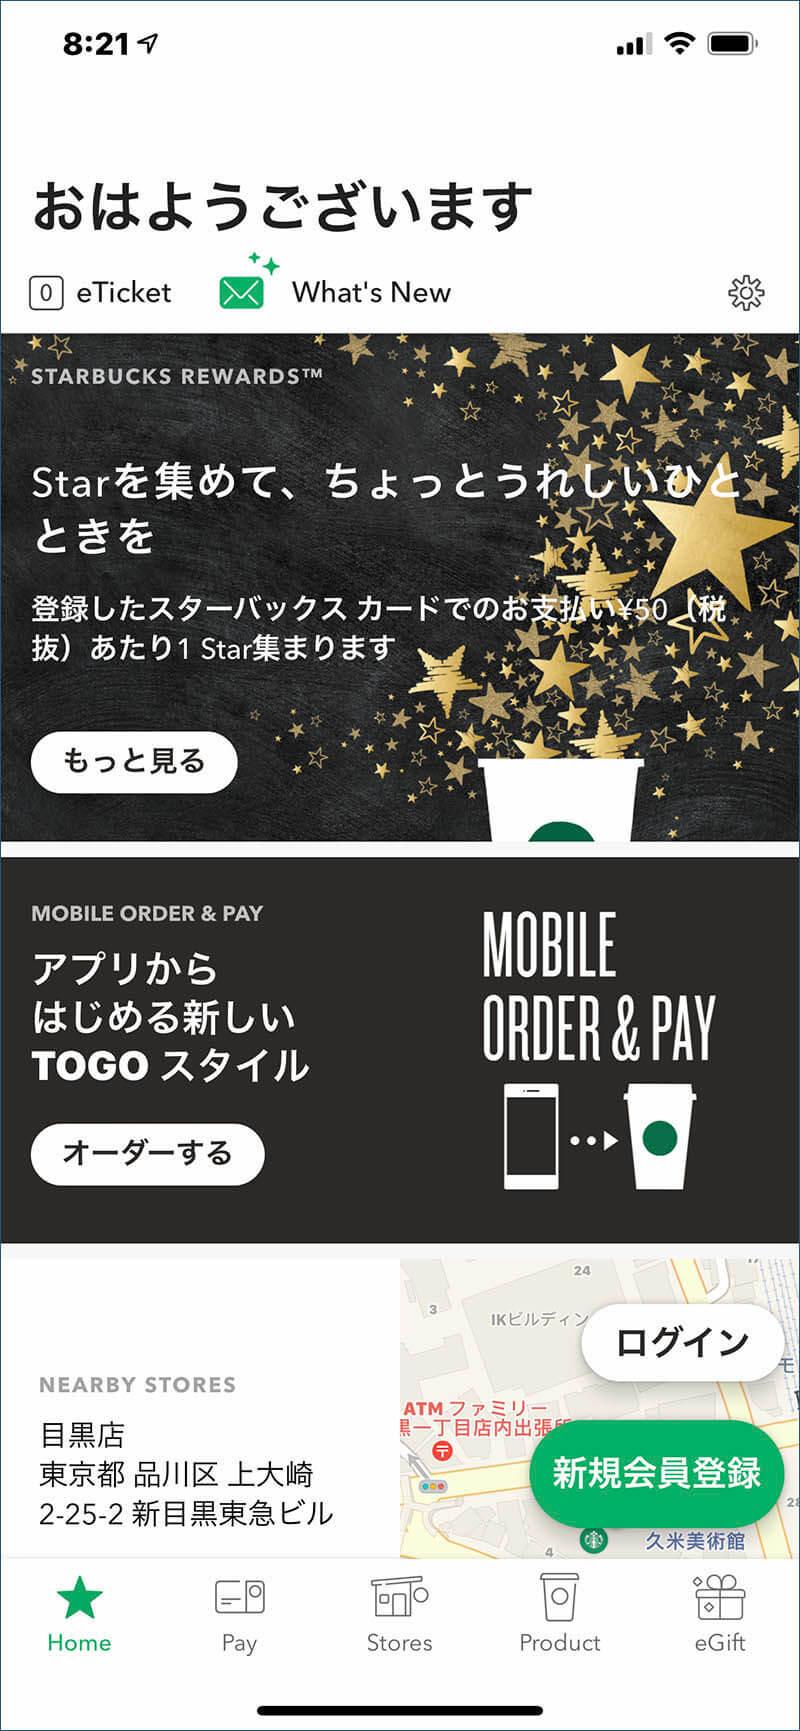 スターバックス モバイルオーダー&ペイ